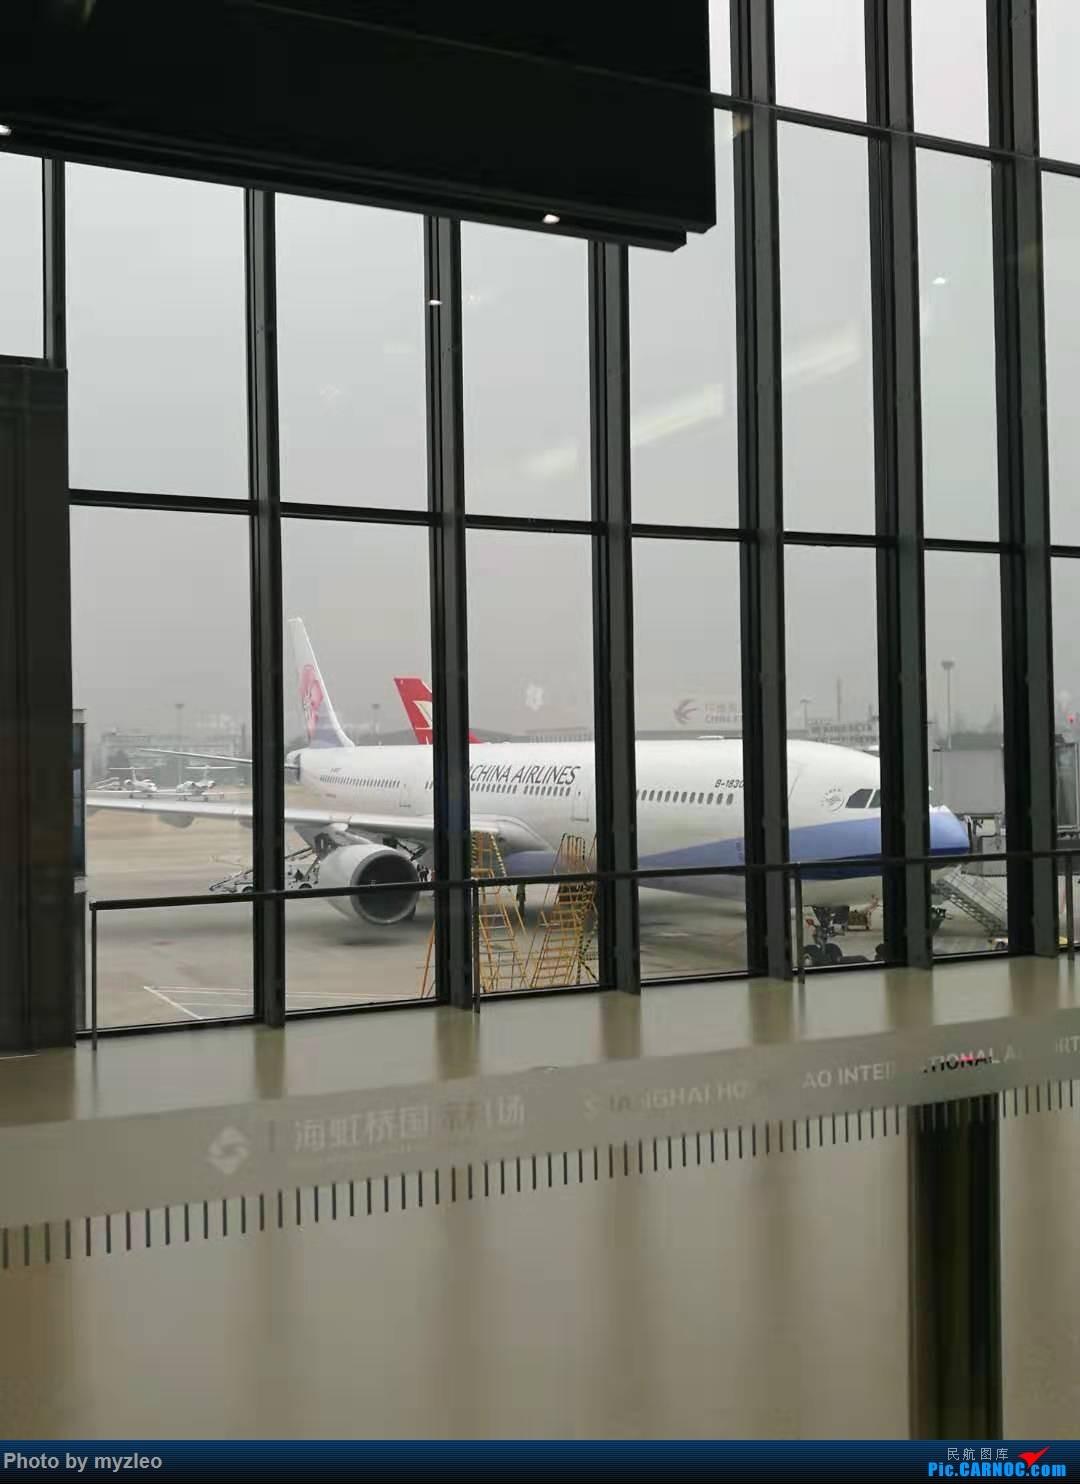 Re:【myzleo的游记4.1】十年之约(1)不完整的去程——HX239,HNA初体验,与心爱的359失之交臂;港岛+九龙 AIRBUS A330-300 B-18301 中国上海虹桥国际机场